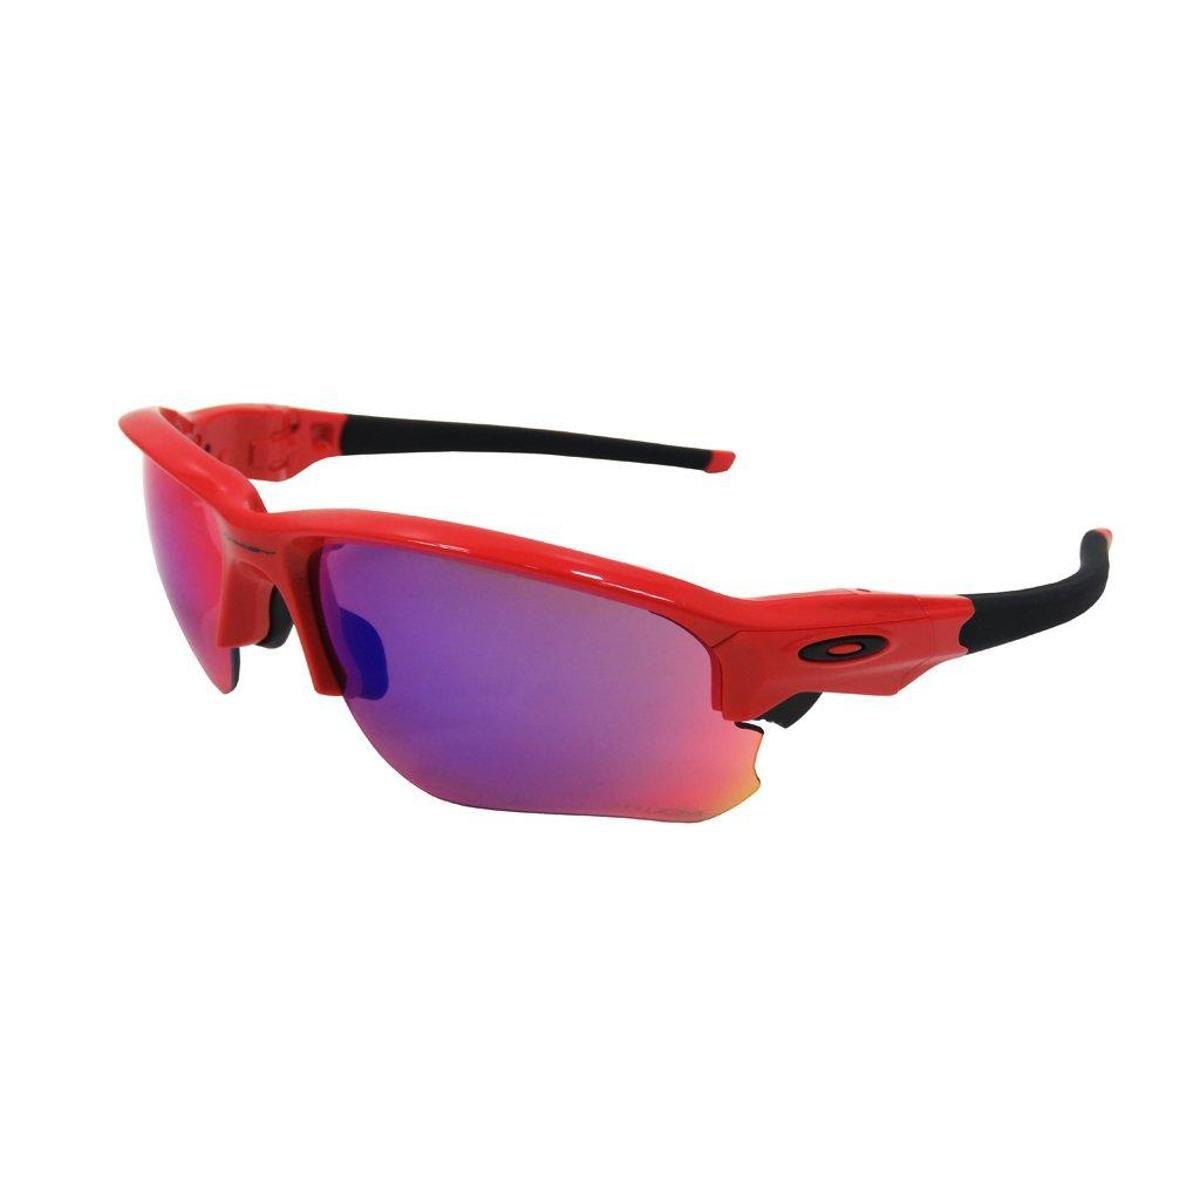 Óculos Oakley Flak Draft Prizm - Compre Agora   Netshoes 21900a0d52